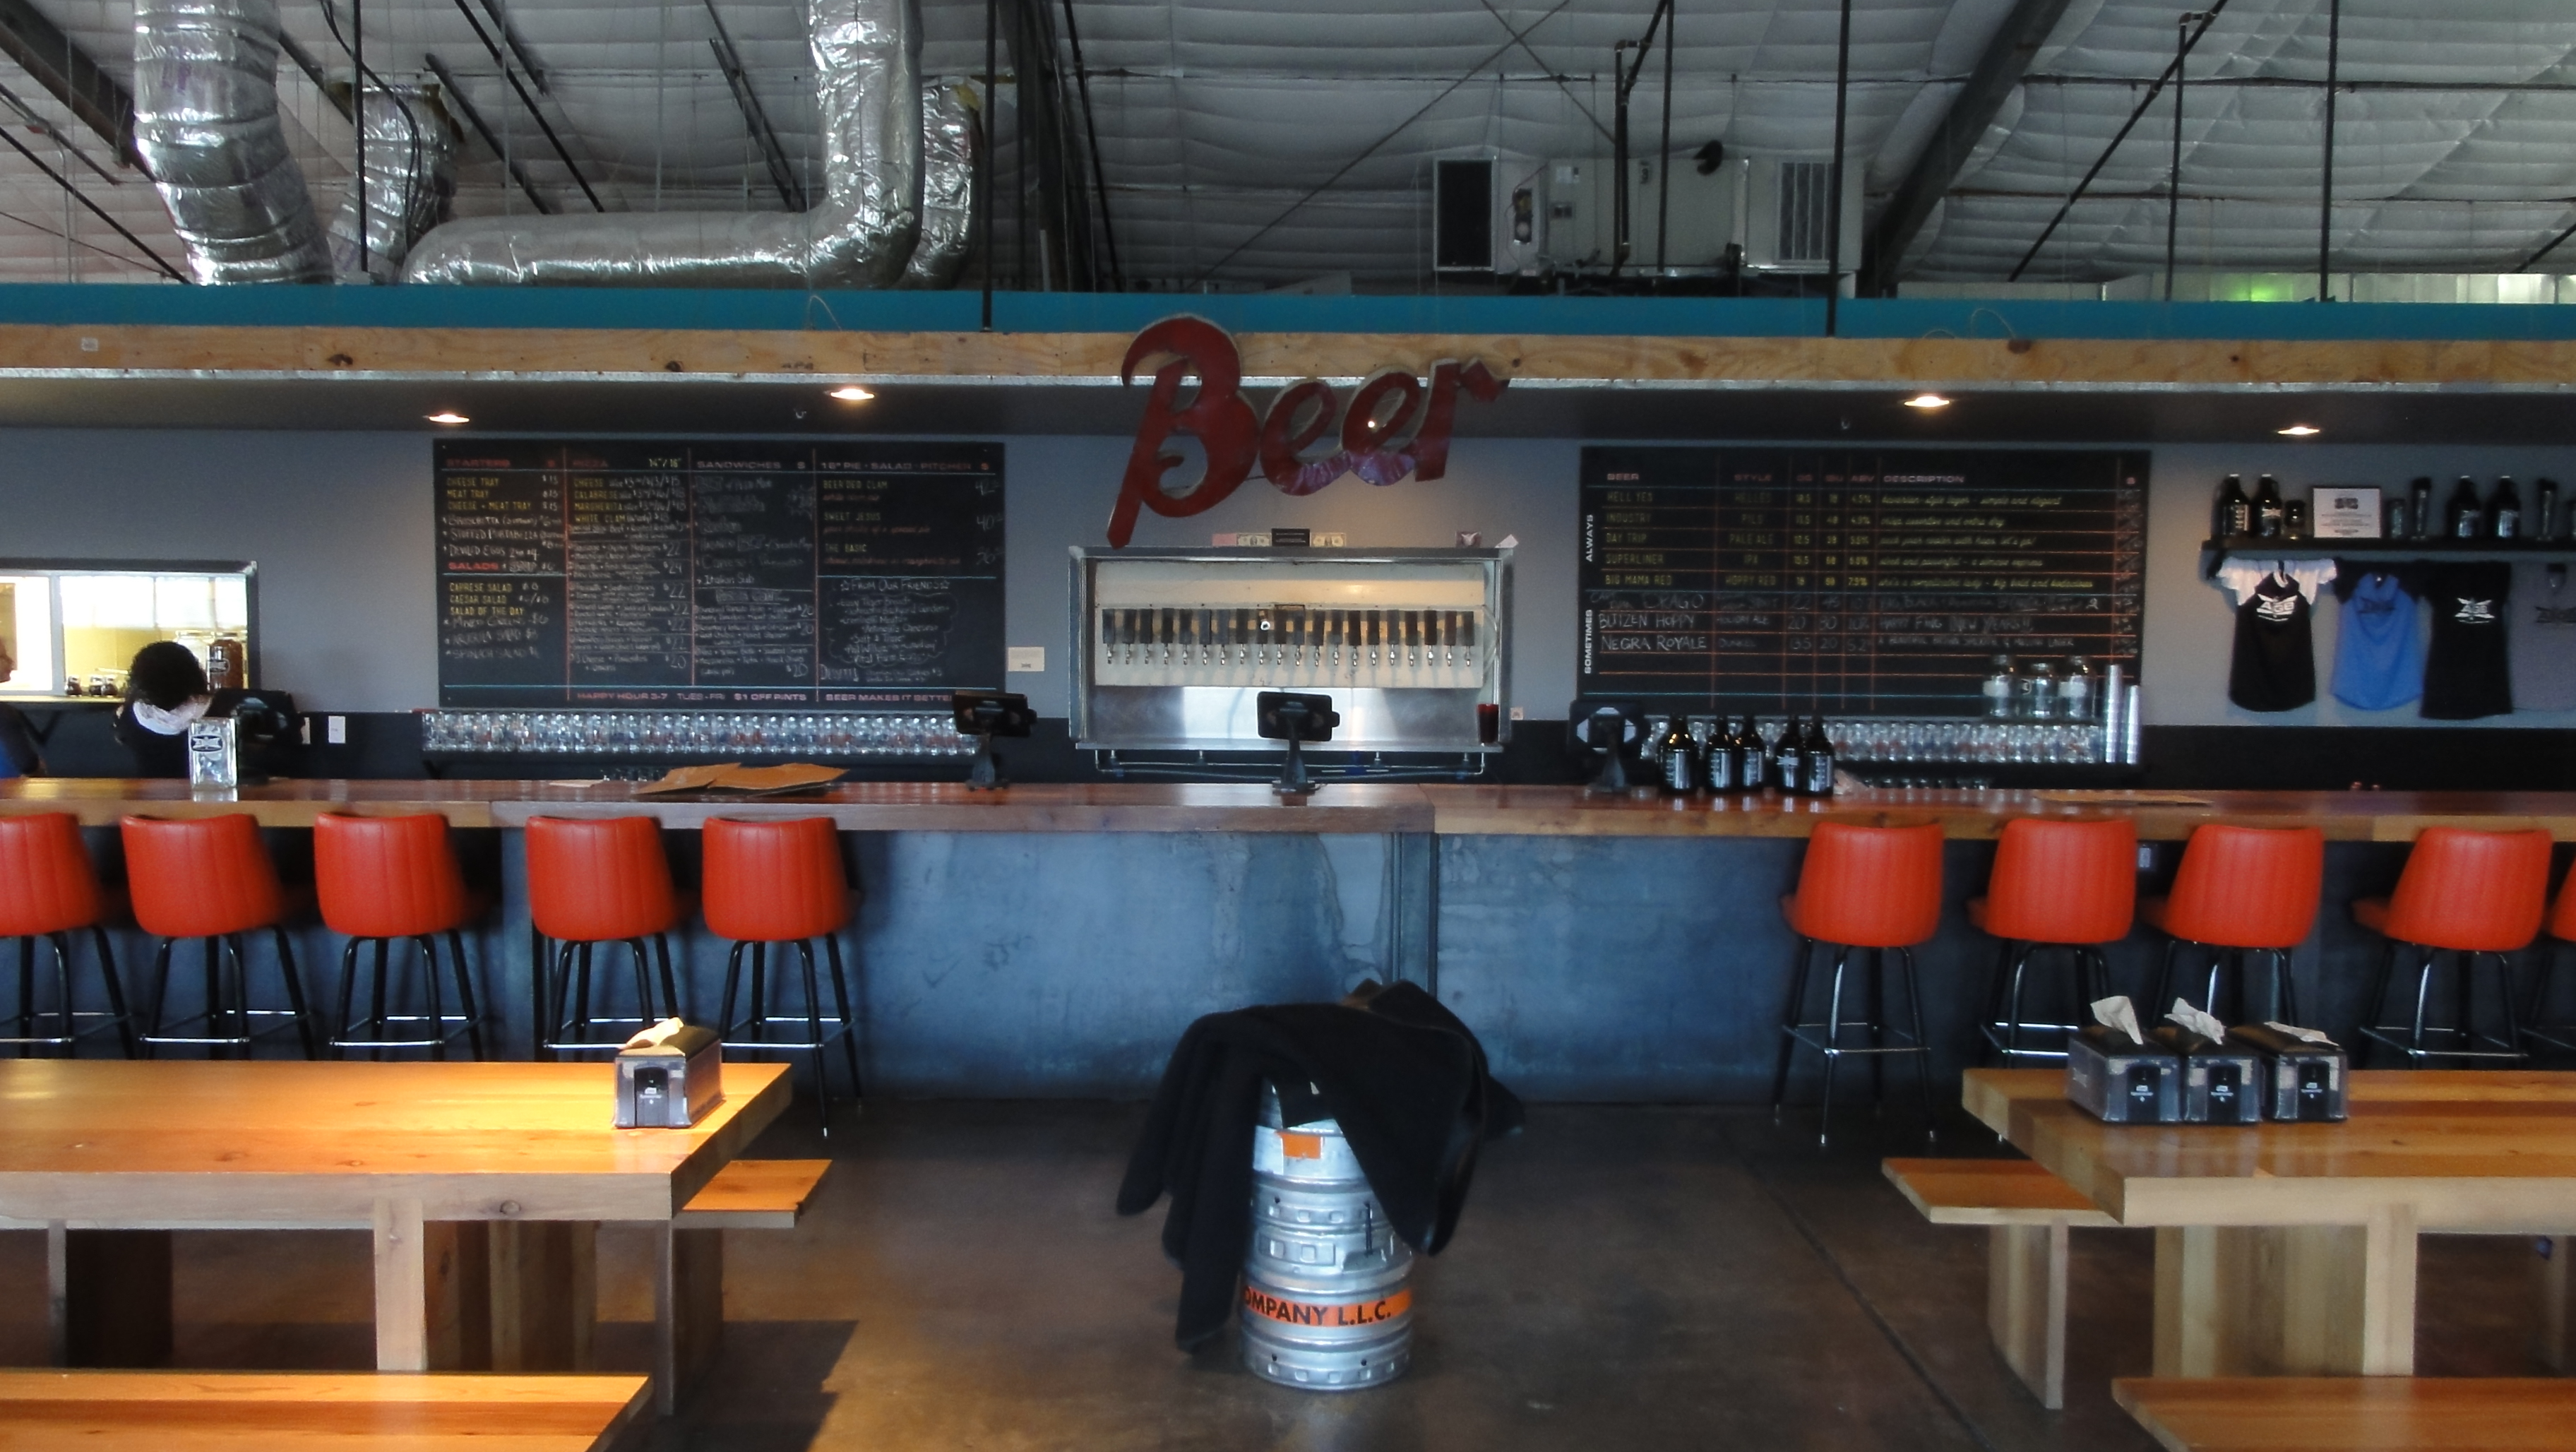 ABGB Austin Beer Garden Brewing Co in Austin TX